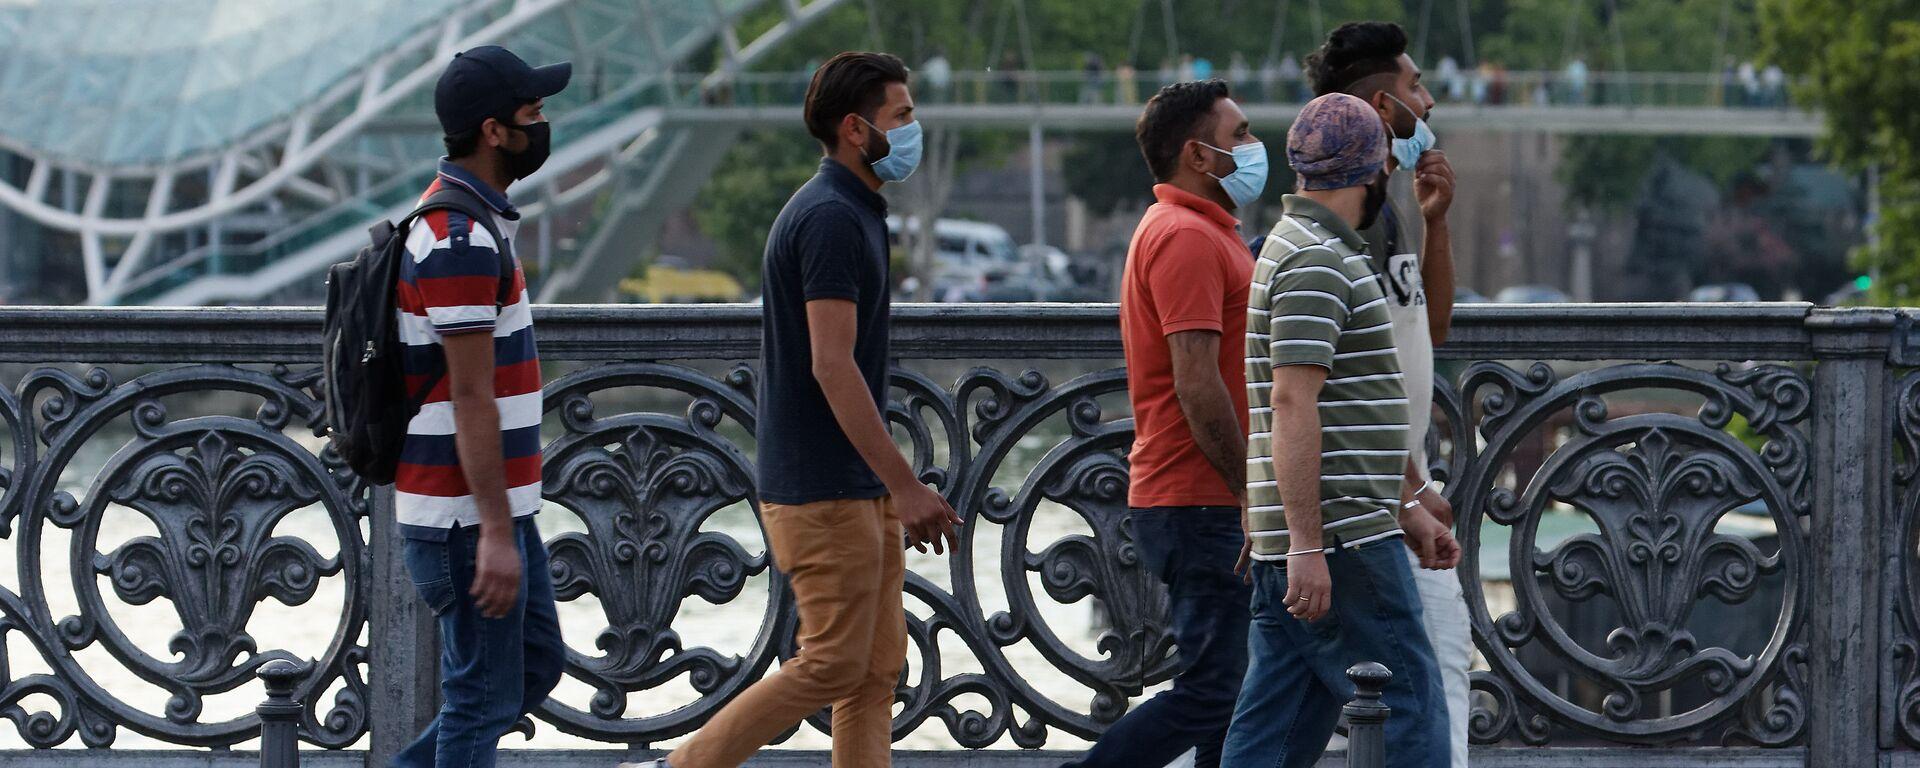 Туристы в масках гуляют по центру столицы Грузии - Sputnik Грузия, 1920, 11.06.2021